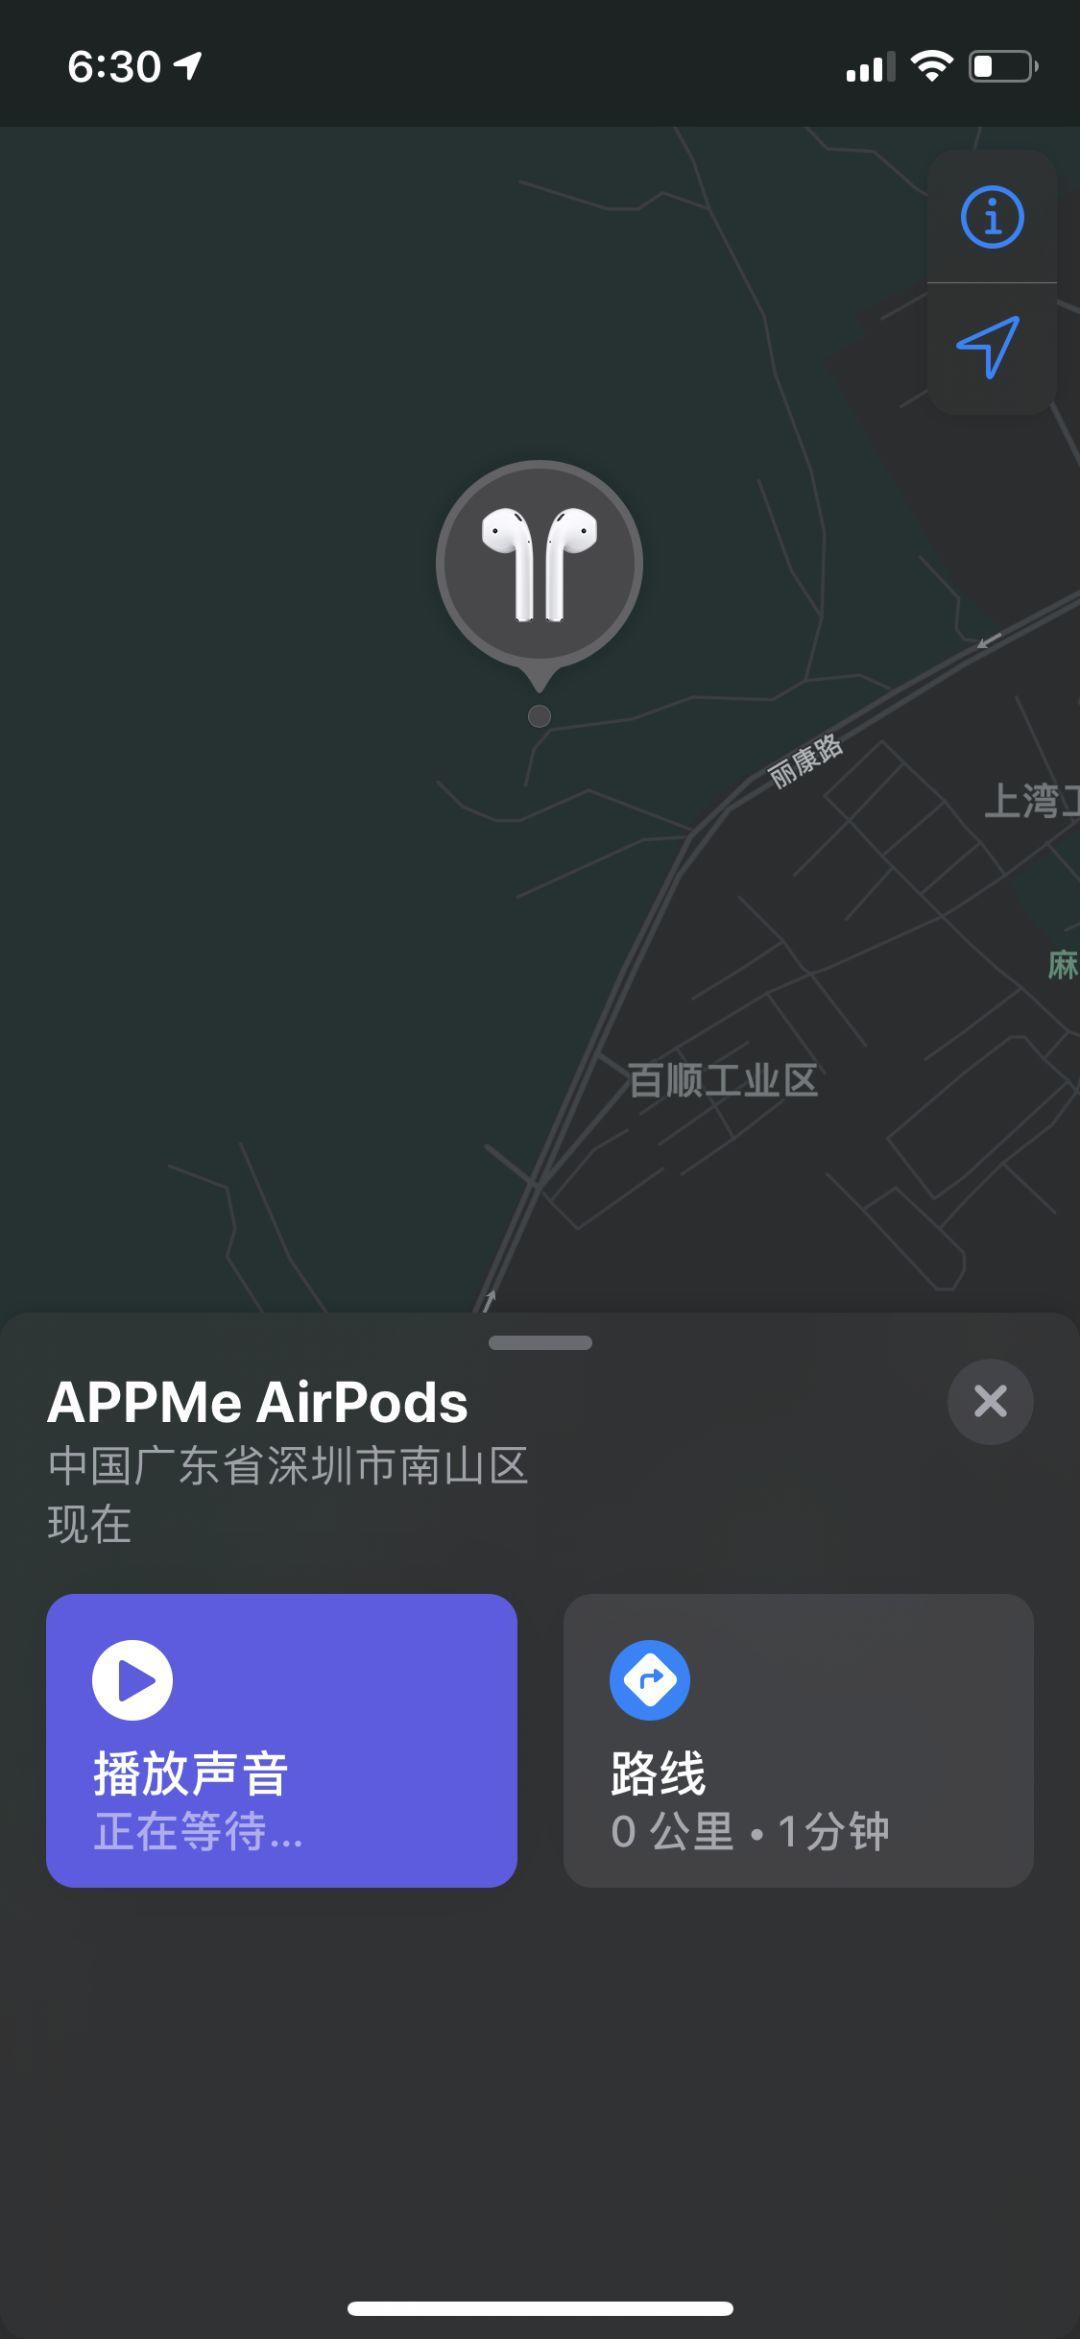 用了华强北版的AirPods,我打算卖掉我的正版!